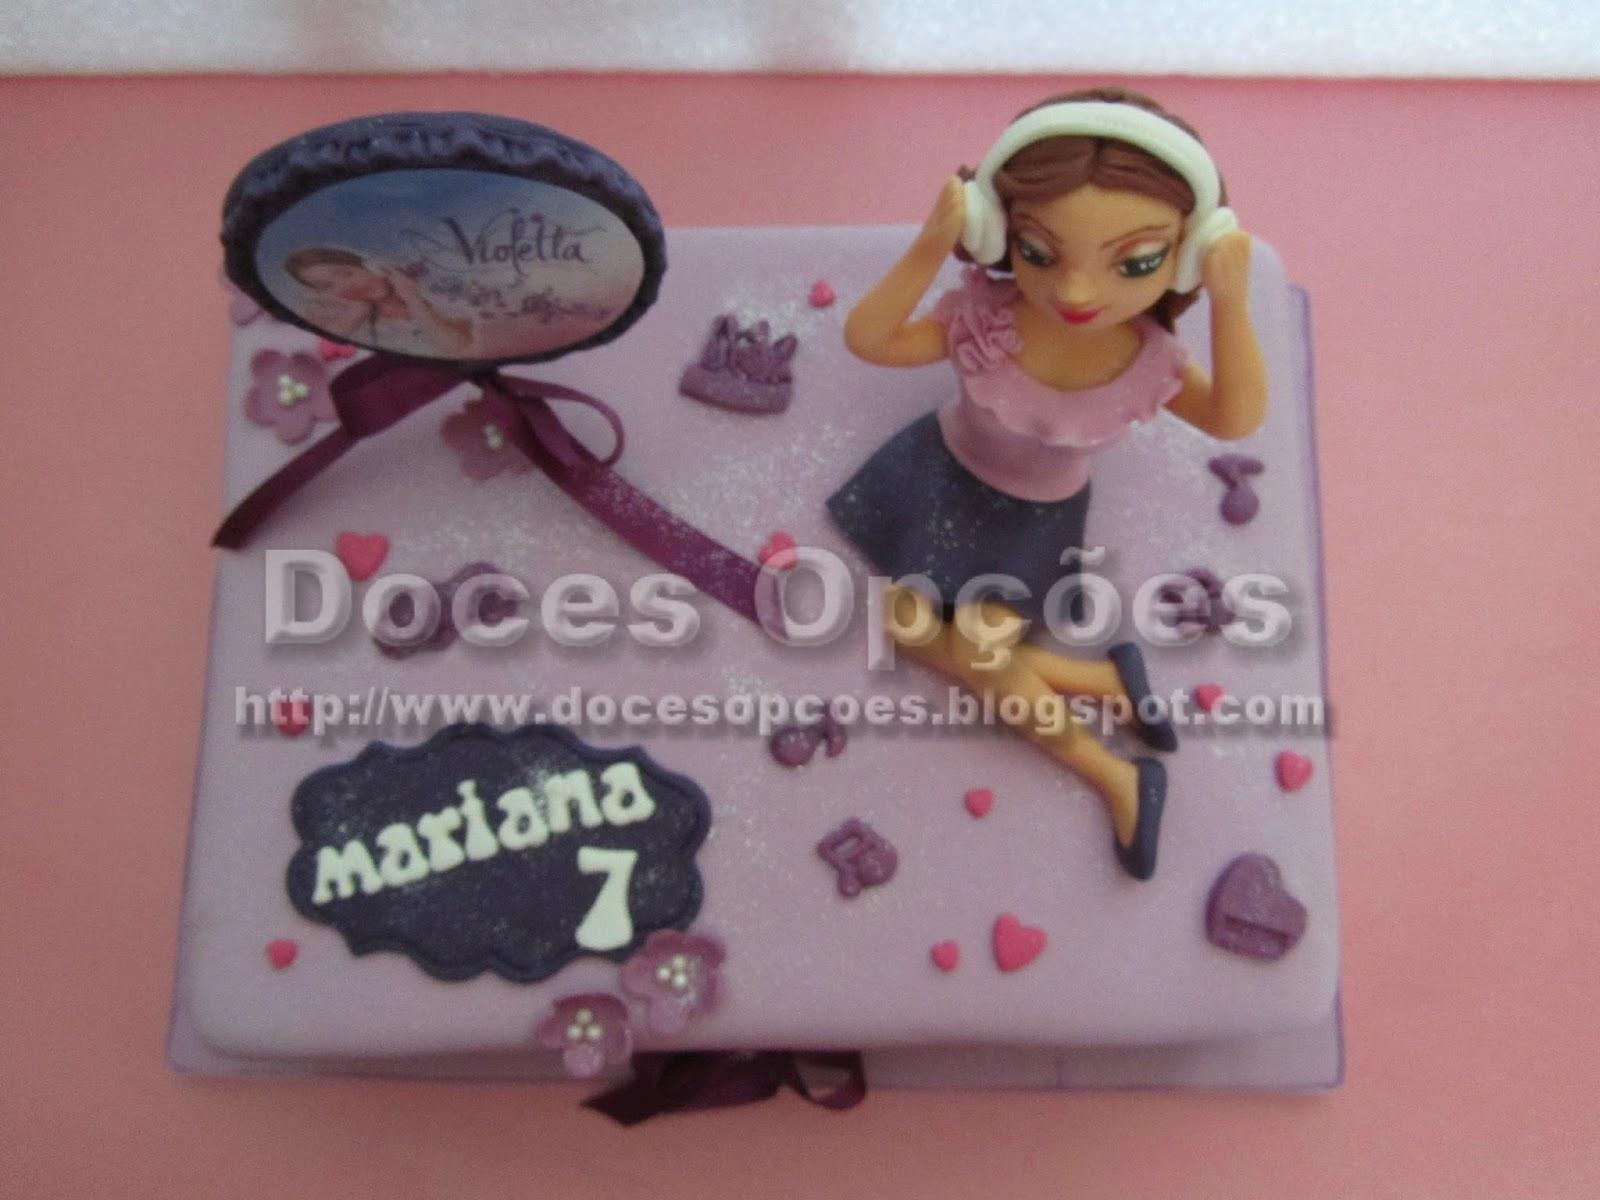 bolo aniversário decorado violetta bragança